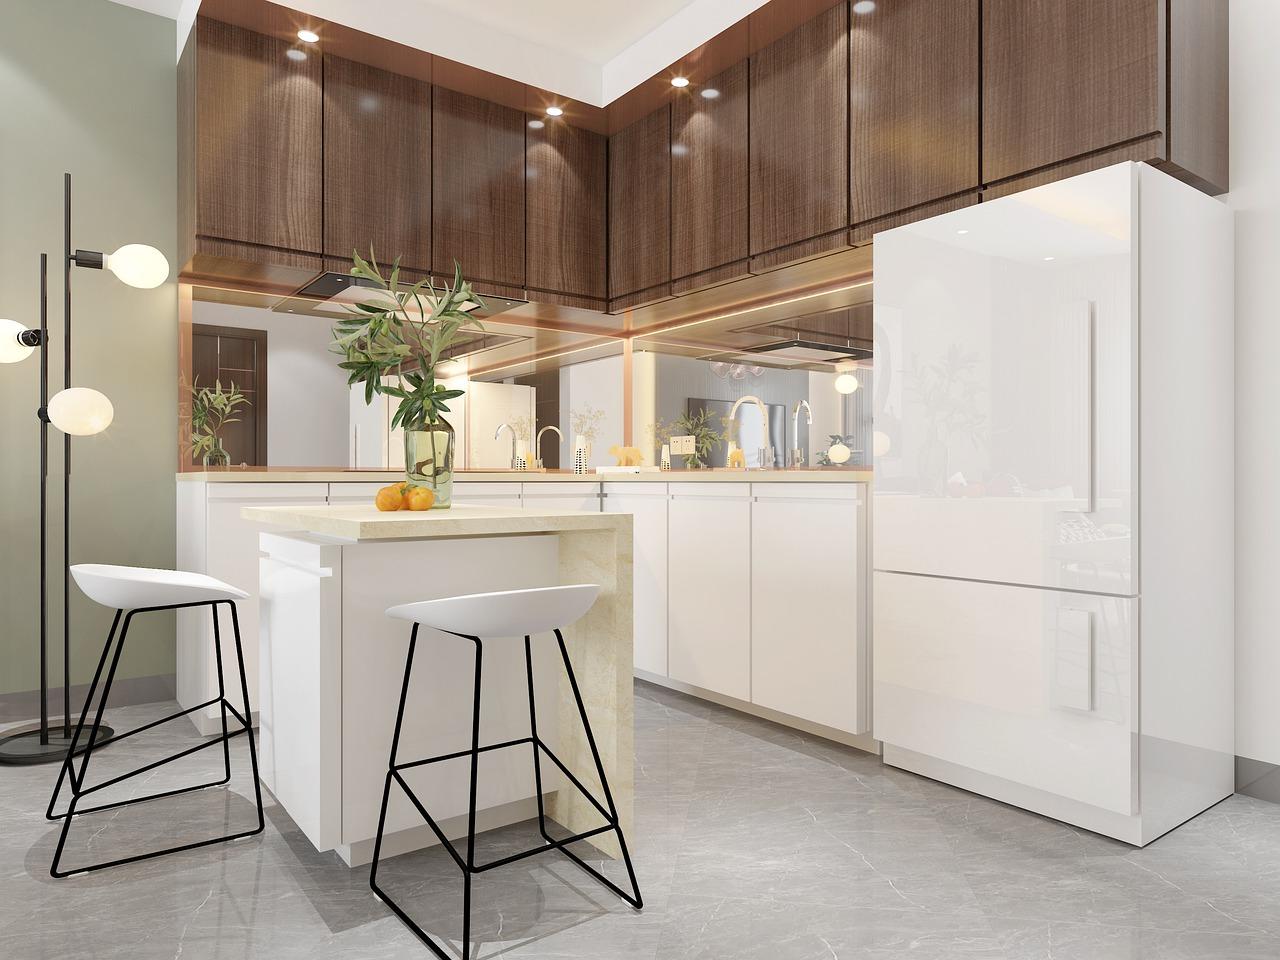 interiér kuchyně